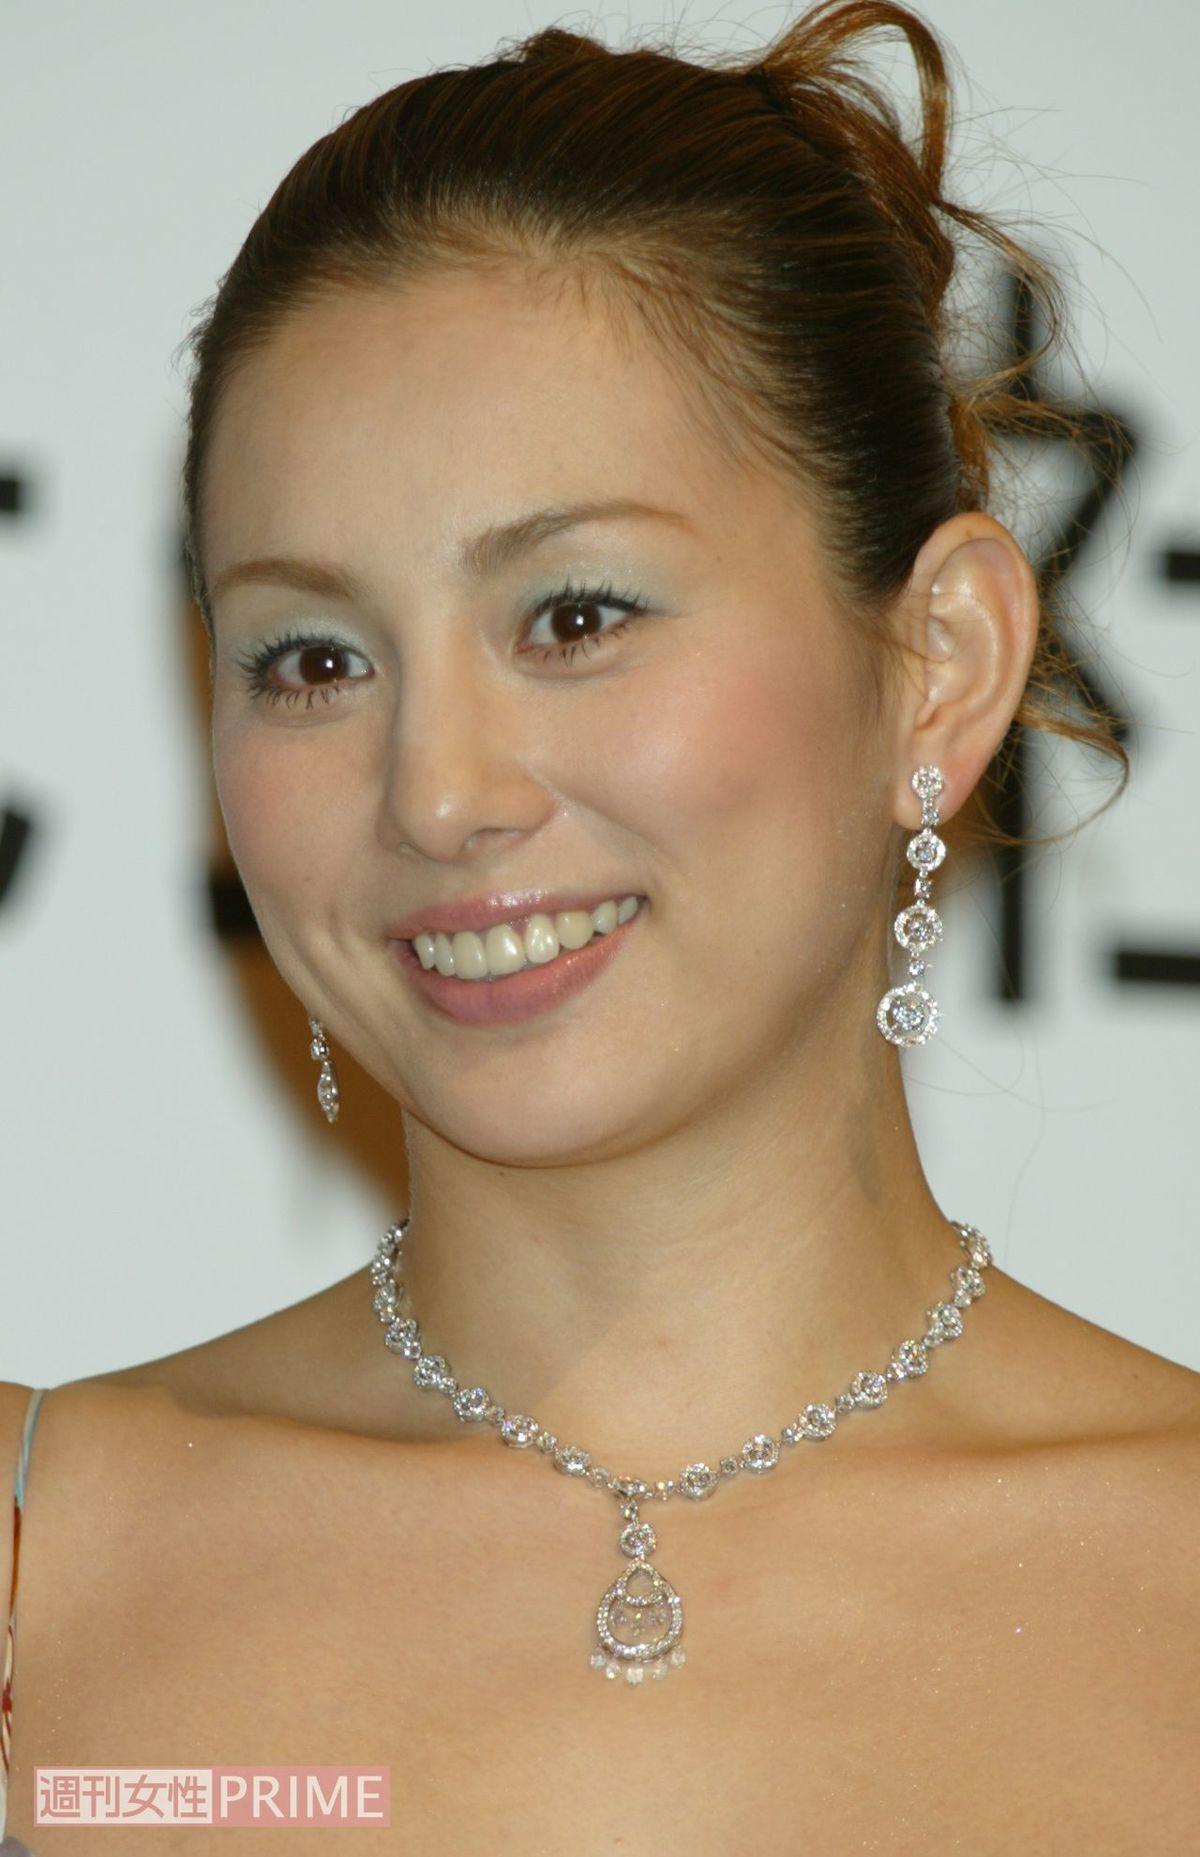 米倉涼子の画像 p1_11